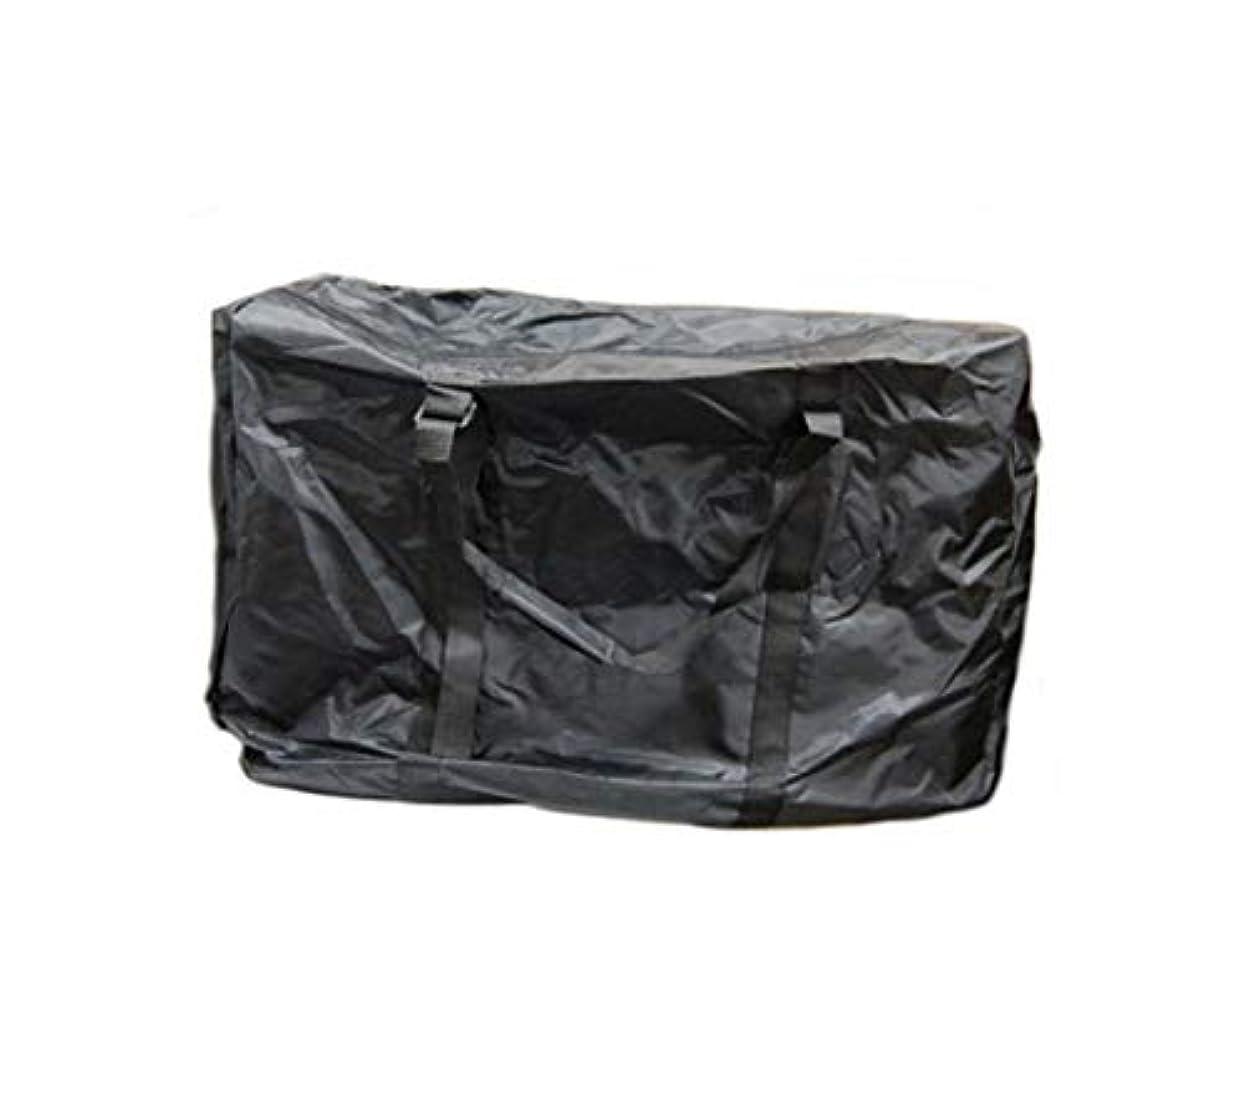 船尾好きであるする必要があるYデパートセンター55? 自転車 輪行袋 折り畳み 輪行袋用バッグ付き 持ち運び ロードバイク マウンテンバイク